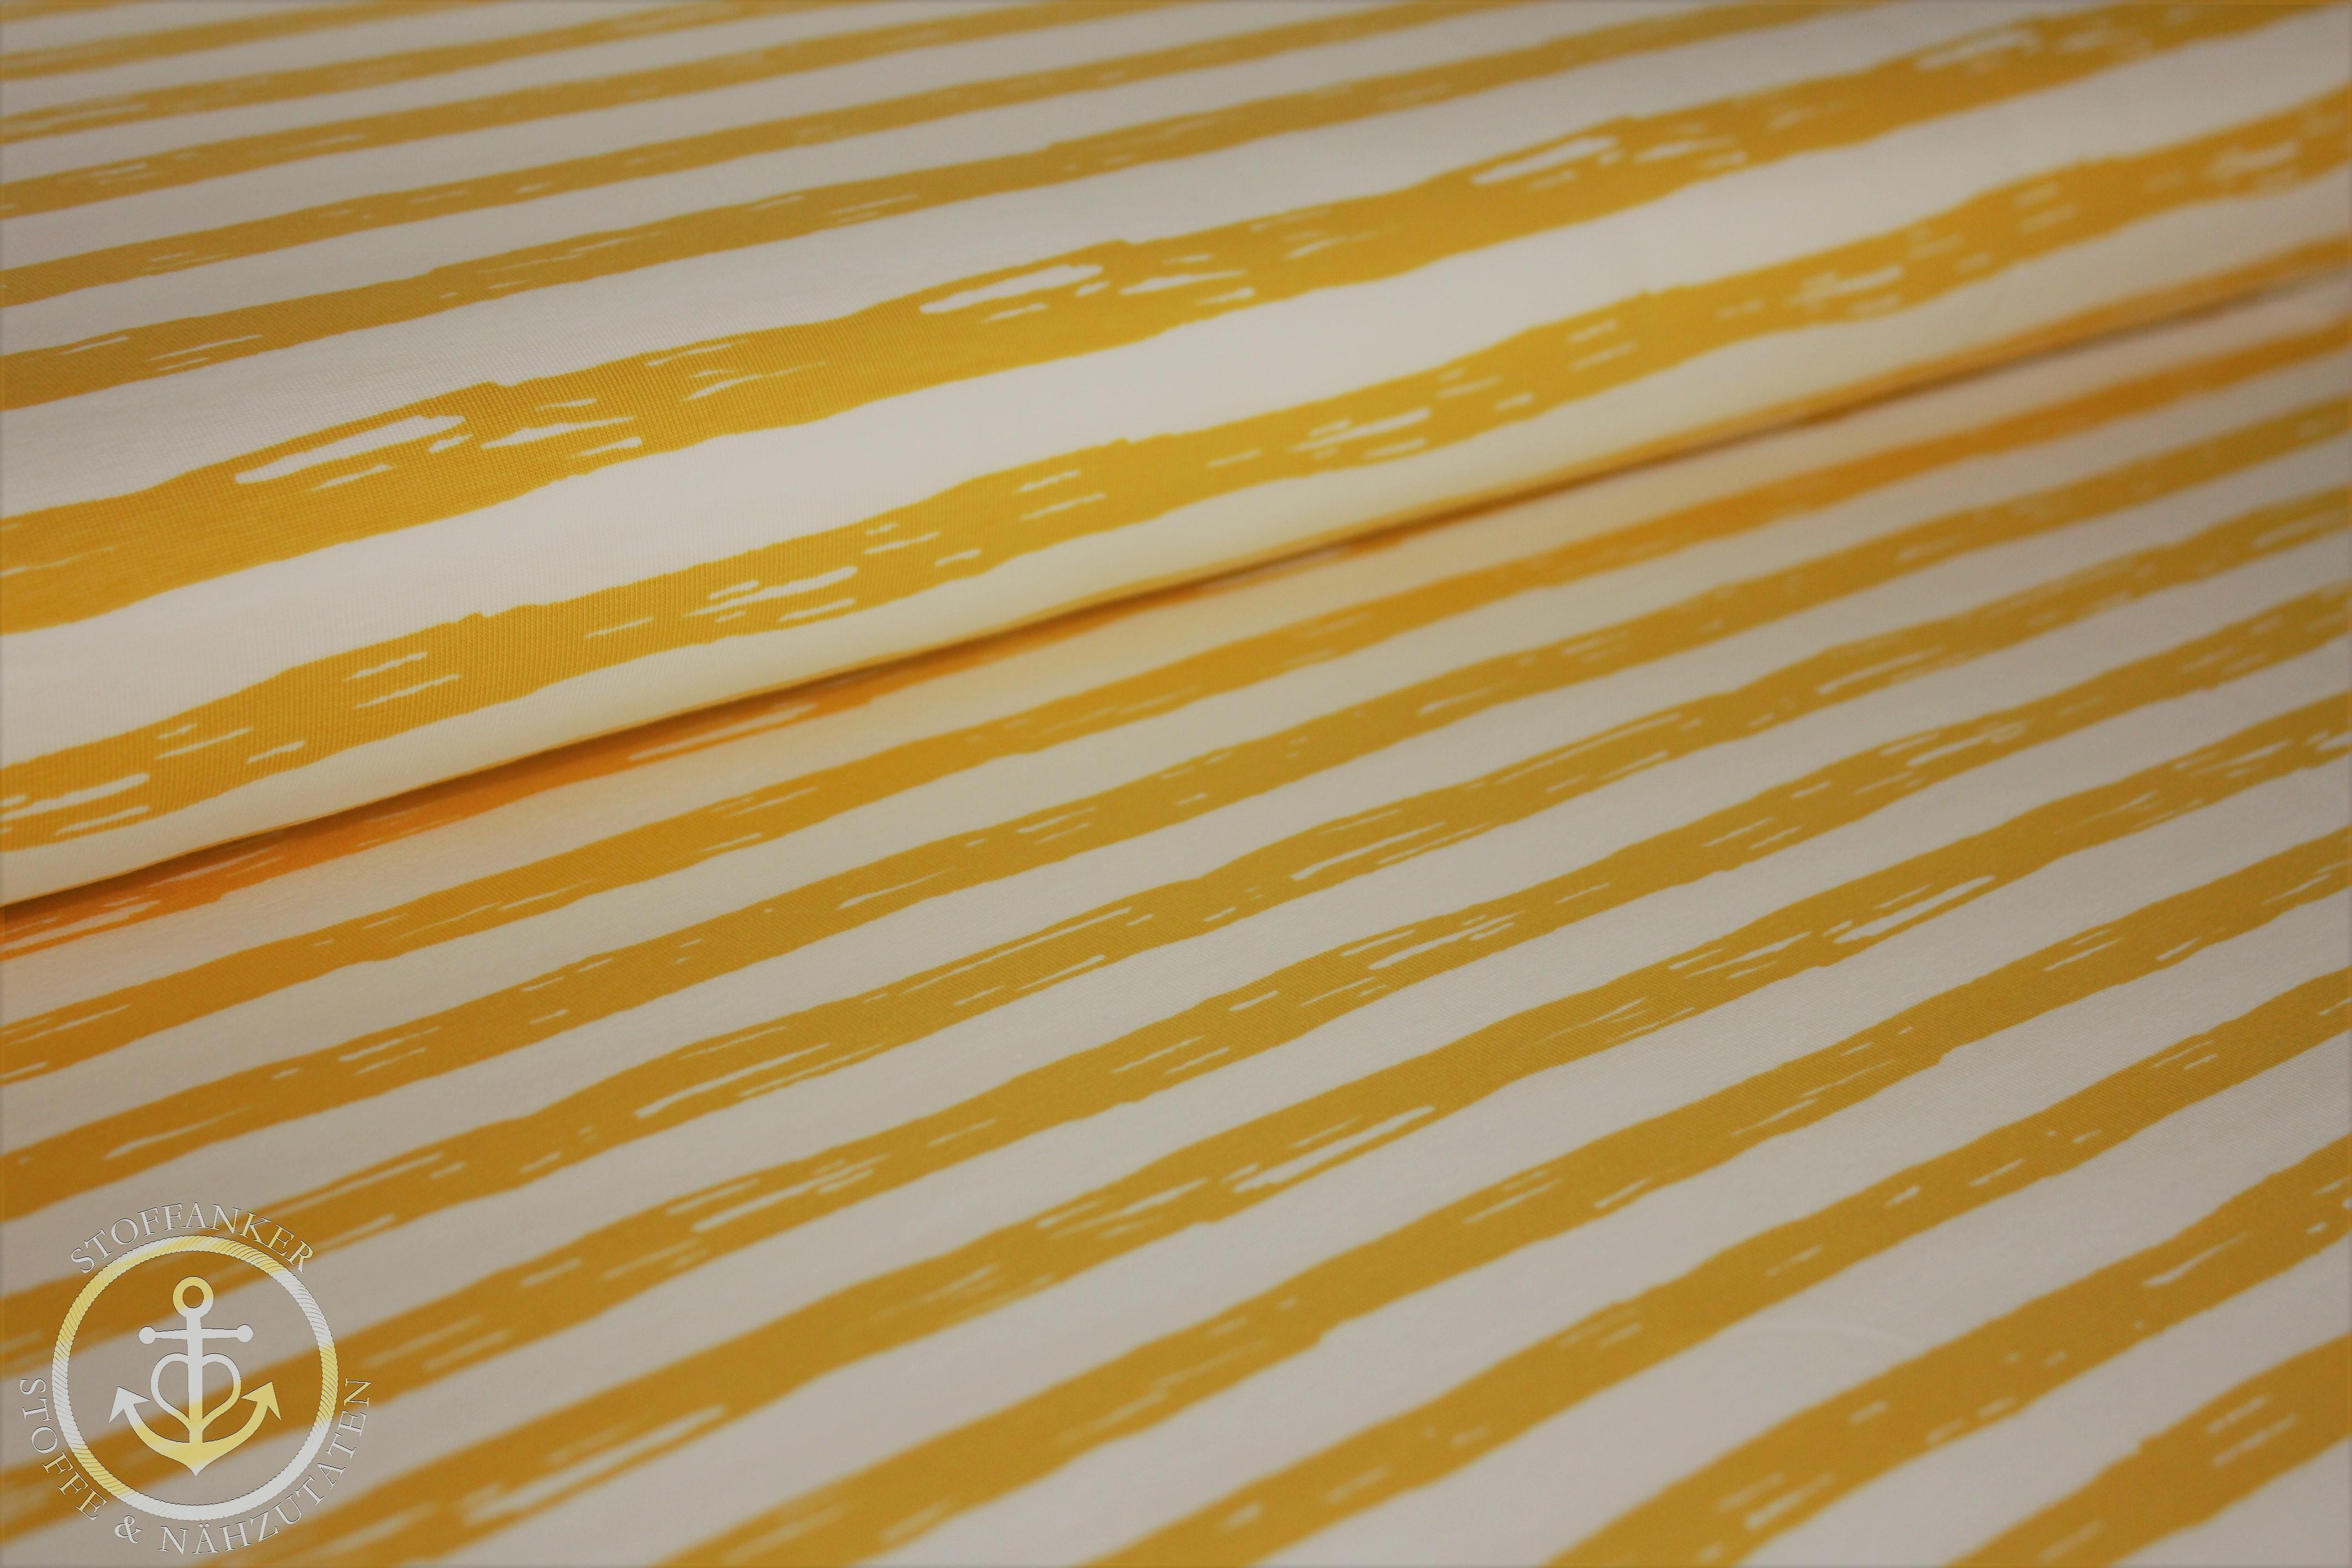 5 Meter Stoff 1,40 m breit nur 2,60 pro Meter Streifen weiß gelb grau